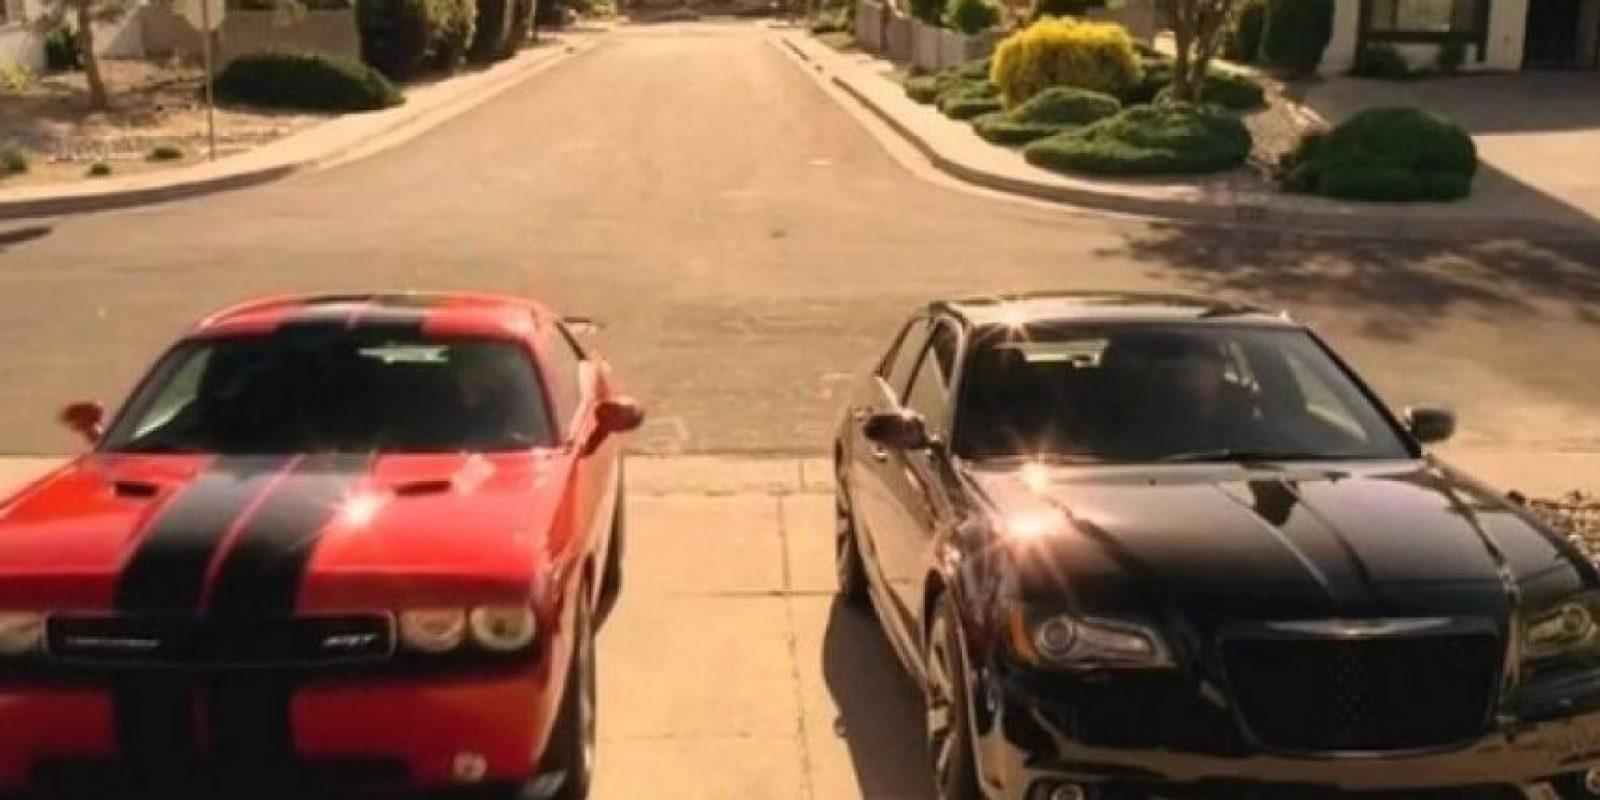 """5. """"Breaking Bad"""" tuvo tanto éxito que """"The Walking Dead"""" le rindió tributo en 2 ocasiones: """"Glenn"""" condujo el mismo carro deportivo que le regaló """"Walter White"""" en """"Breaking Bad"""" a su hijo """"Walter Jr."""" Foto:AMC"""